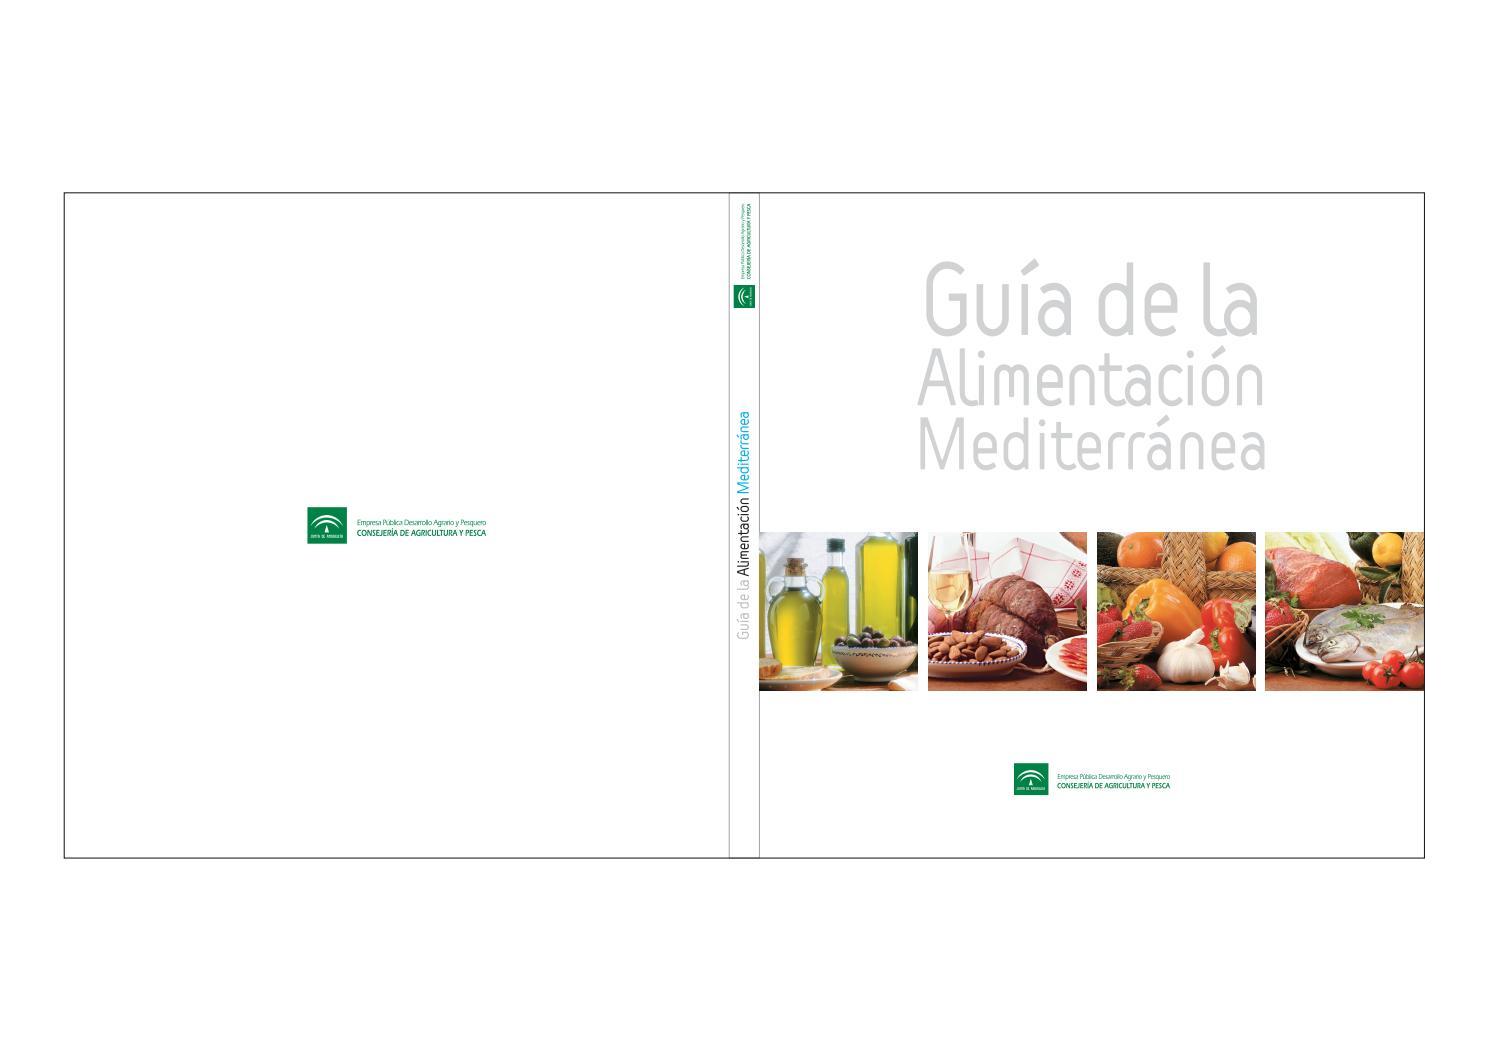 Alfa beta gamma amino acidos para adelgazar